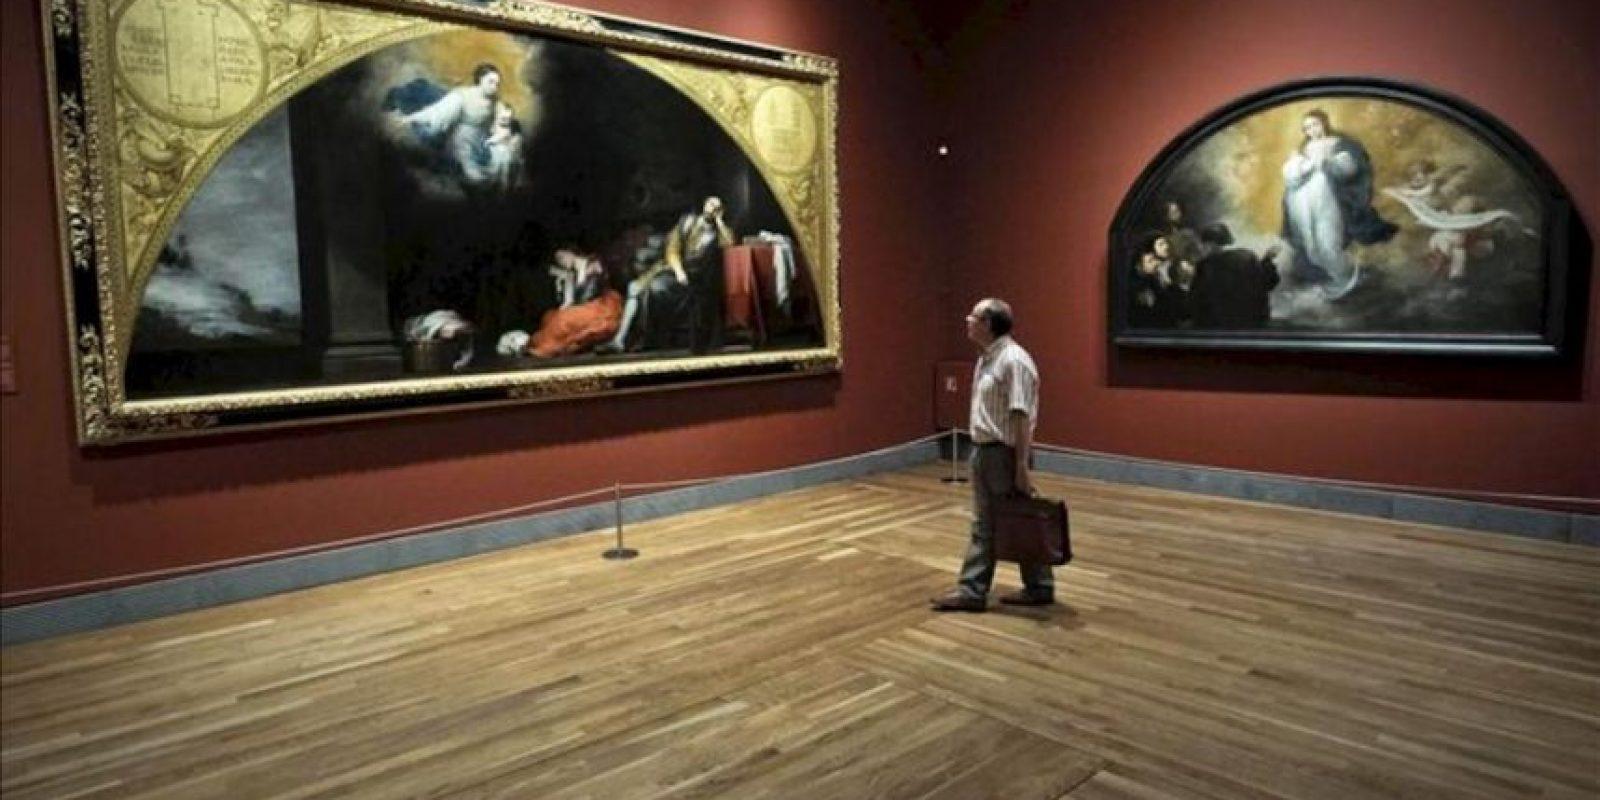 """Un visitante pasea por la exposición que el Museo del Prado ha presentado hoy con el título """"Murillo y Justino de Neve. El arte de la amistad"""", que muestra un conjunto de obras tardías de Murillo fruto de su relación con Justino de Neve, canónigo de la catedral de Sevilla e importante mecenas y amigo íntimo del artista; de iz. a dr. aparecen en la imagen las obras """"El sueño de San Patricio"""" (1664-65, Óleo sobre lienzo) y """"La Inmaculada Concepción"""" (1664-65, Óleo sobre lienzo). EFE"""